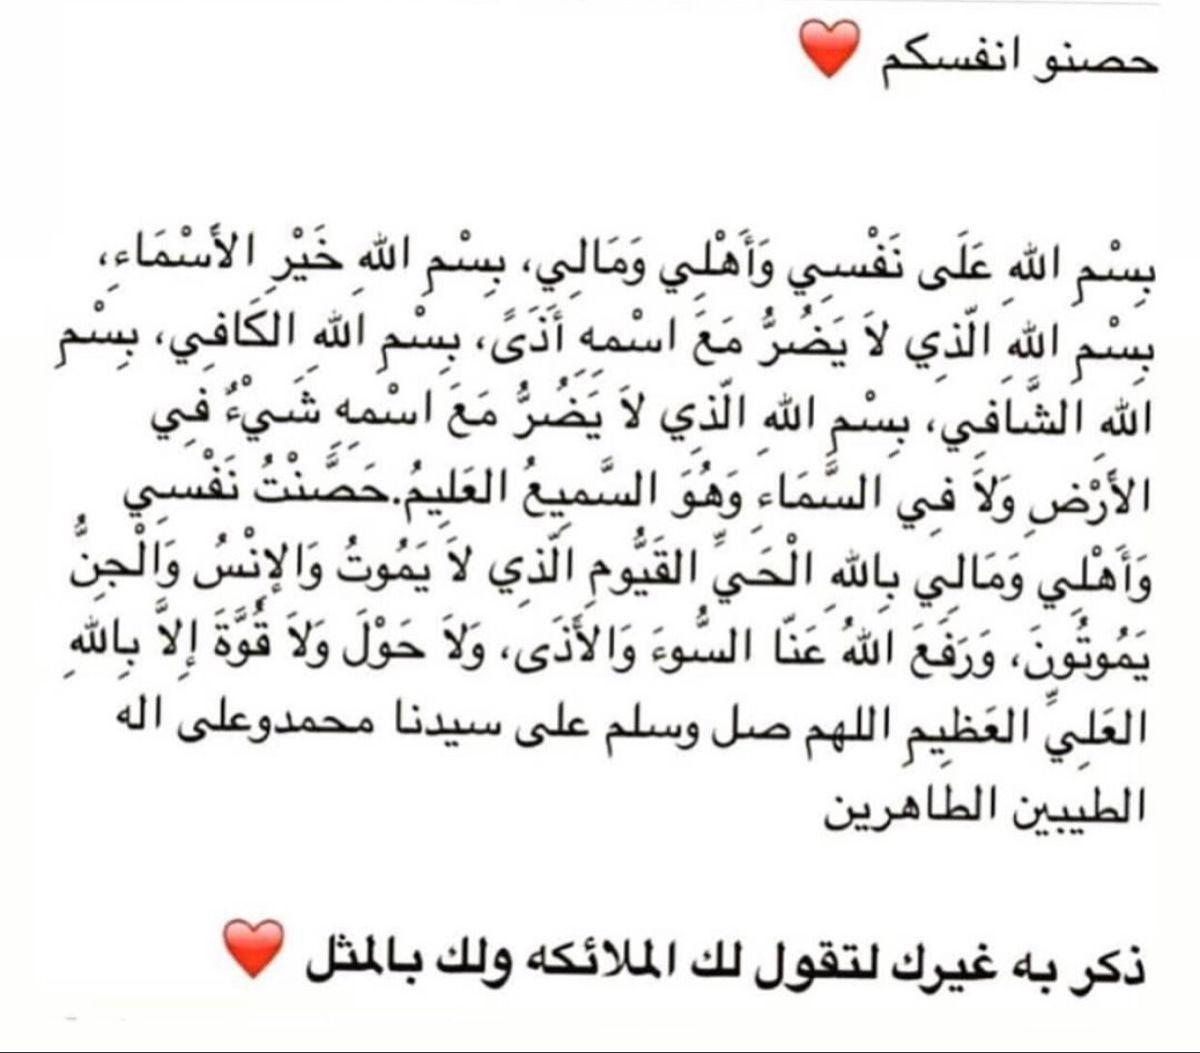 امين Desertrose Cool Words Holy Quran Arabic Quotes